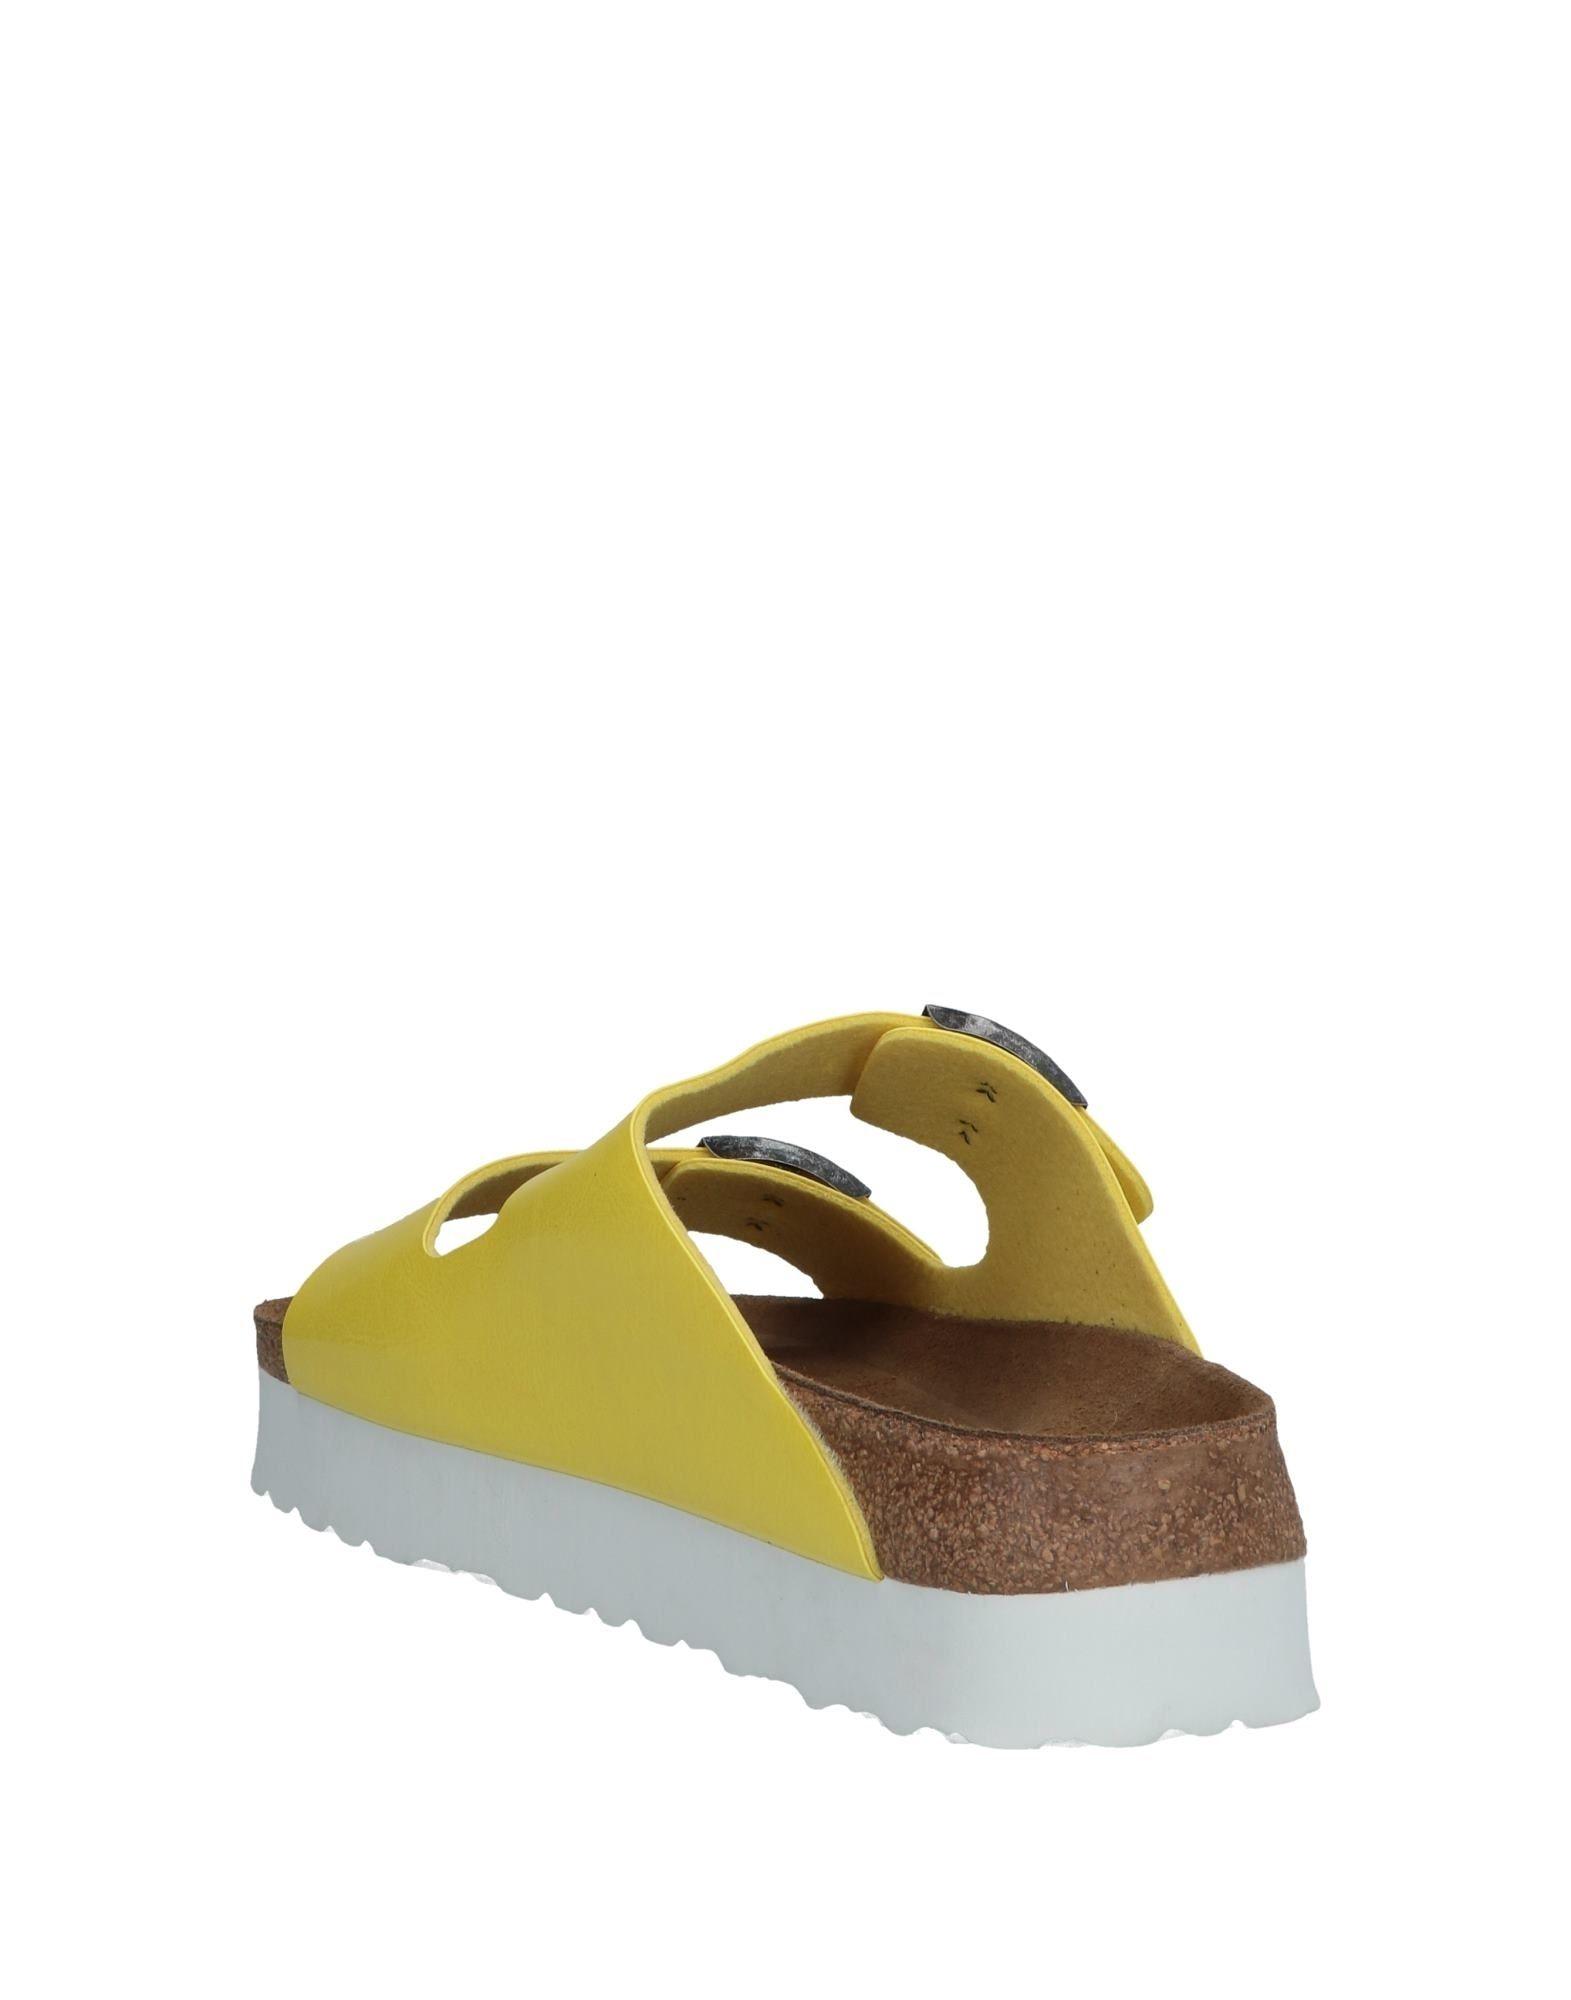 Papillio By Birkenstock Sandals - Women Papillio By Birkenstock Birkenstock Birkenstock Sandals online on  United Kingdom - 11571522TT 08ce53